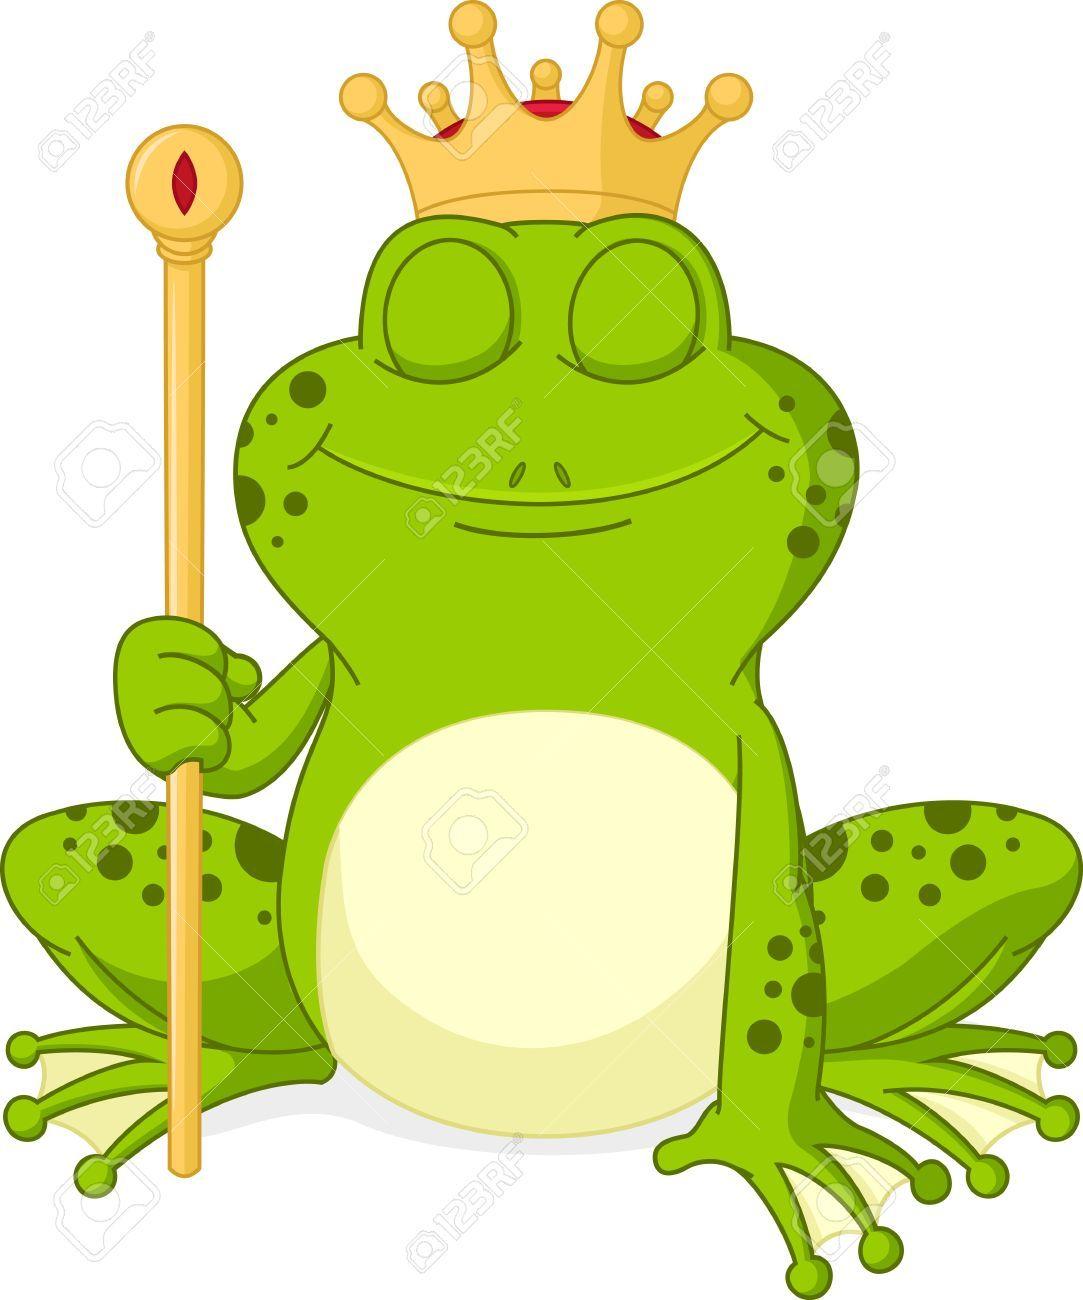 El Principe Rana De Dibujos Animados Dibujos Animados Dibujos Dibujos De Pucca